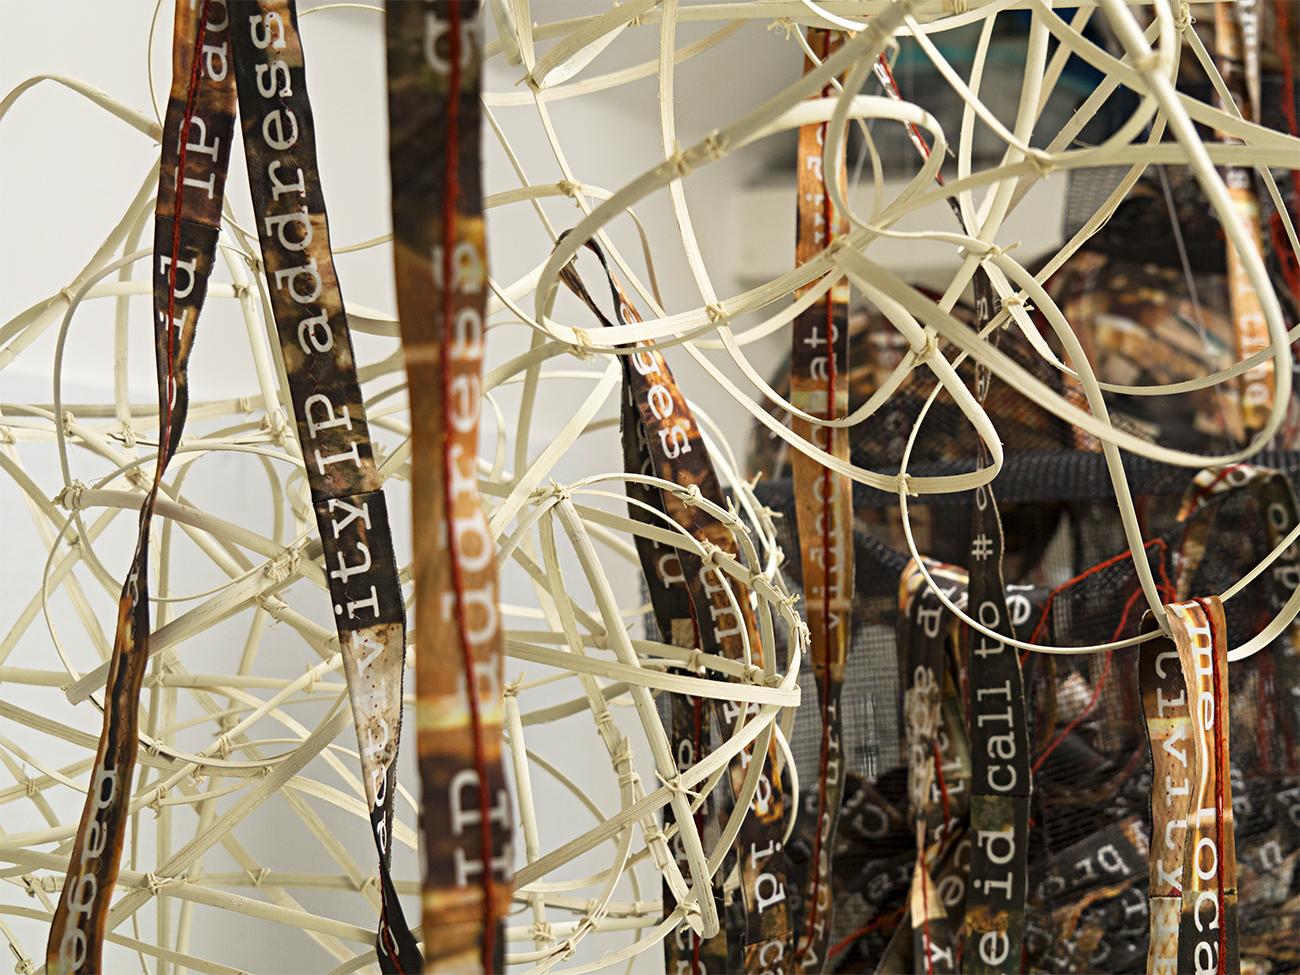 detail, data flow ribbons, 2015